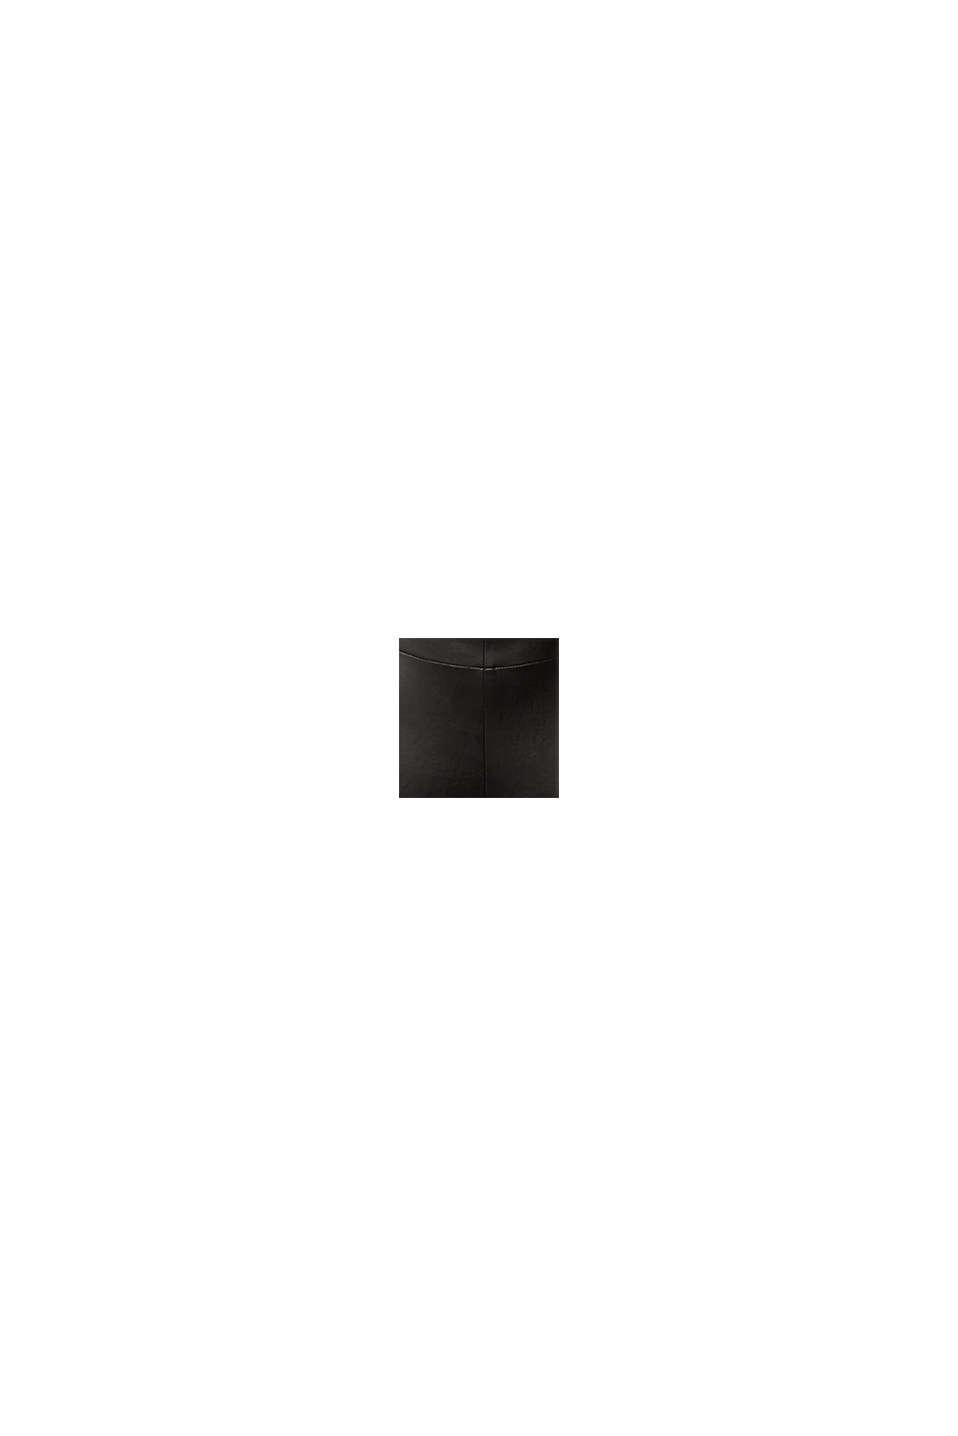 Leggings de polipiel con aberturas en las perneras, BLACK, swatch